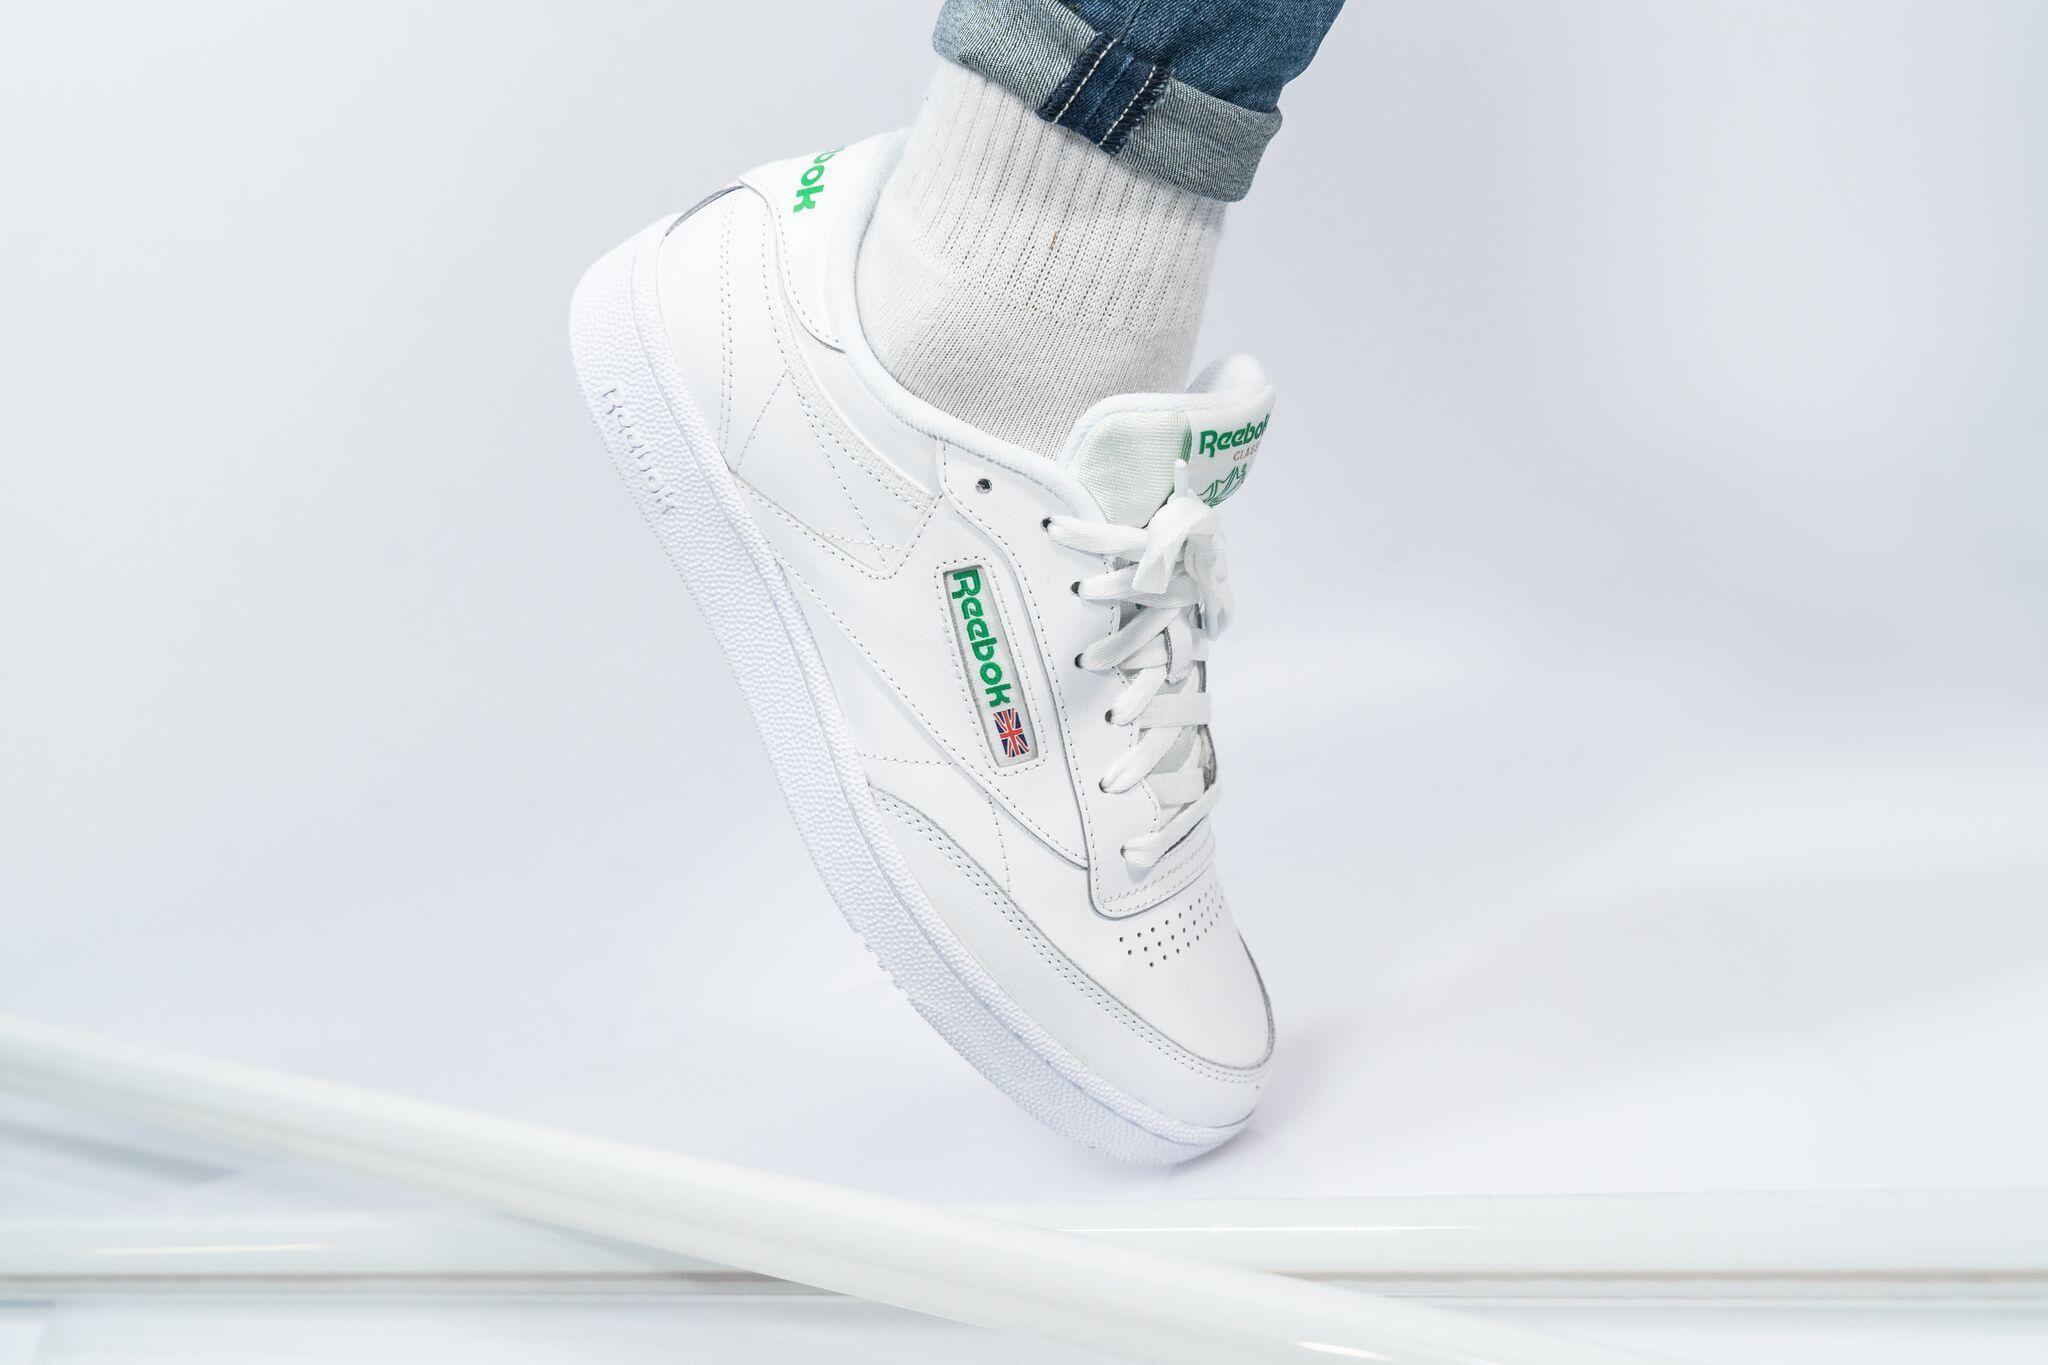 Reebok Club C 85 Jumpnshoez Jns Sneaker Fashion Outfits Herren Schuhe Manner Reebok Outfit Vans Schuhe Herren Reebok